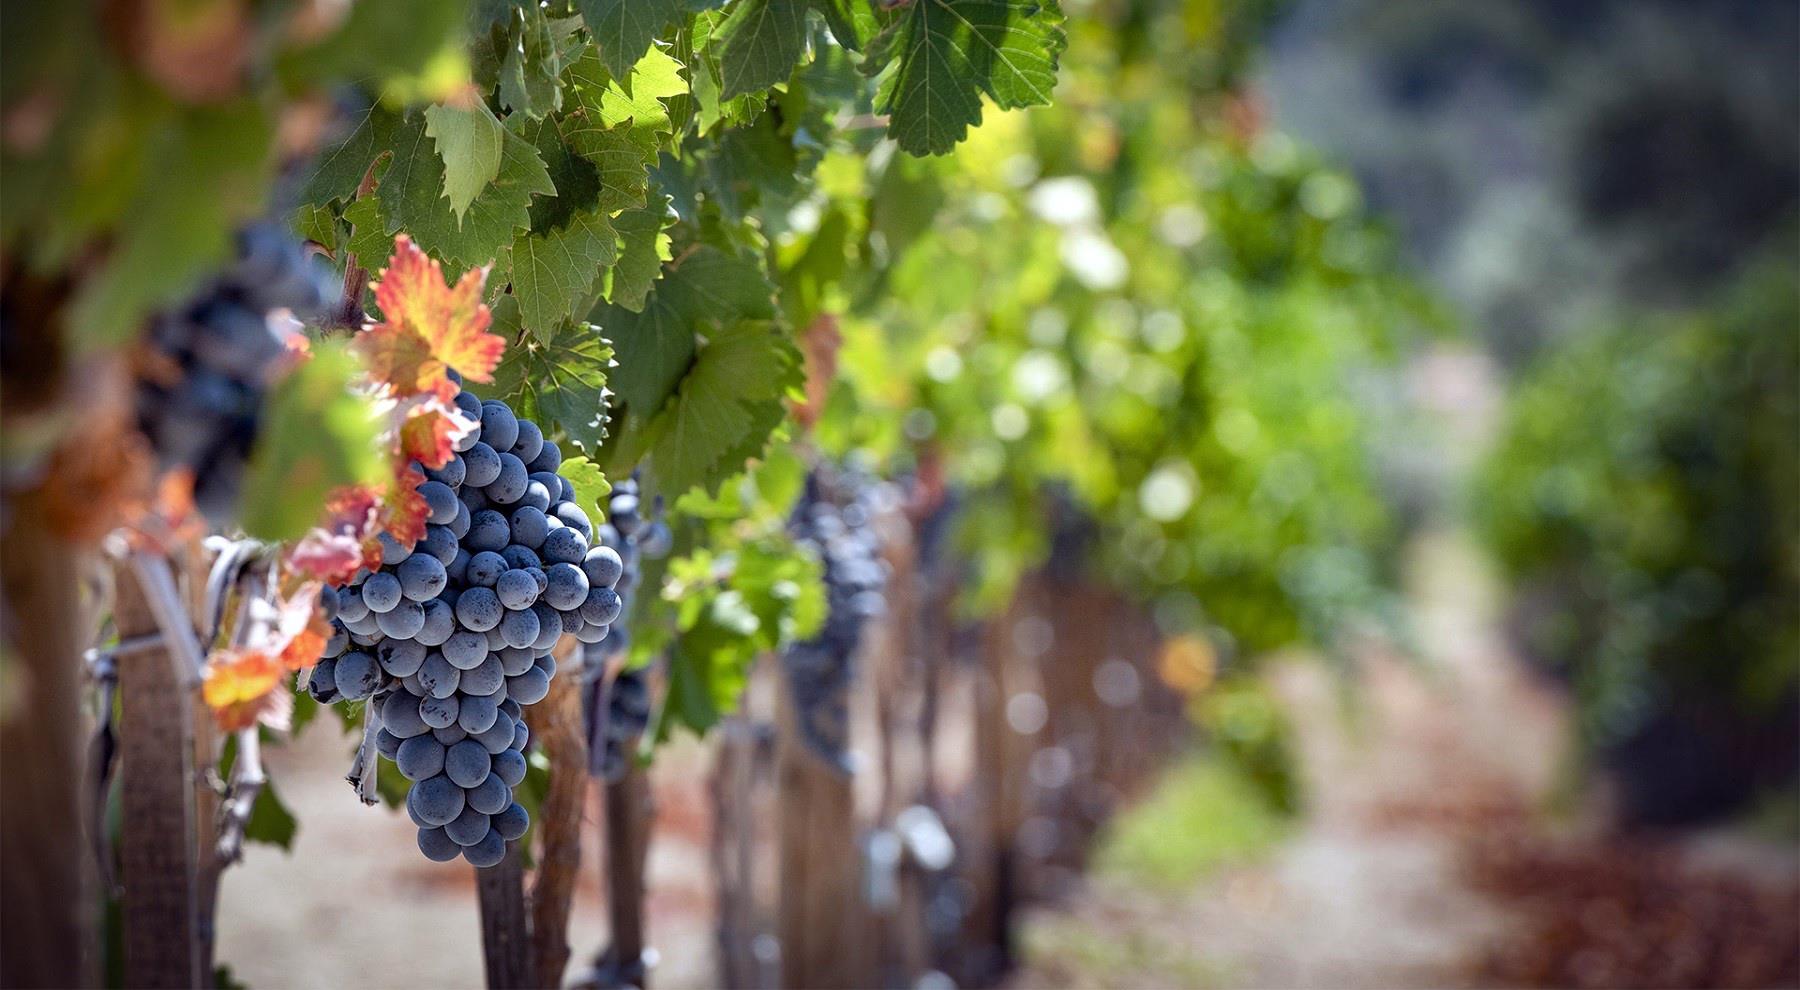 gustăm vinuri și struguri